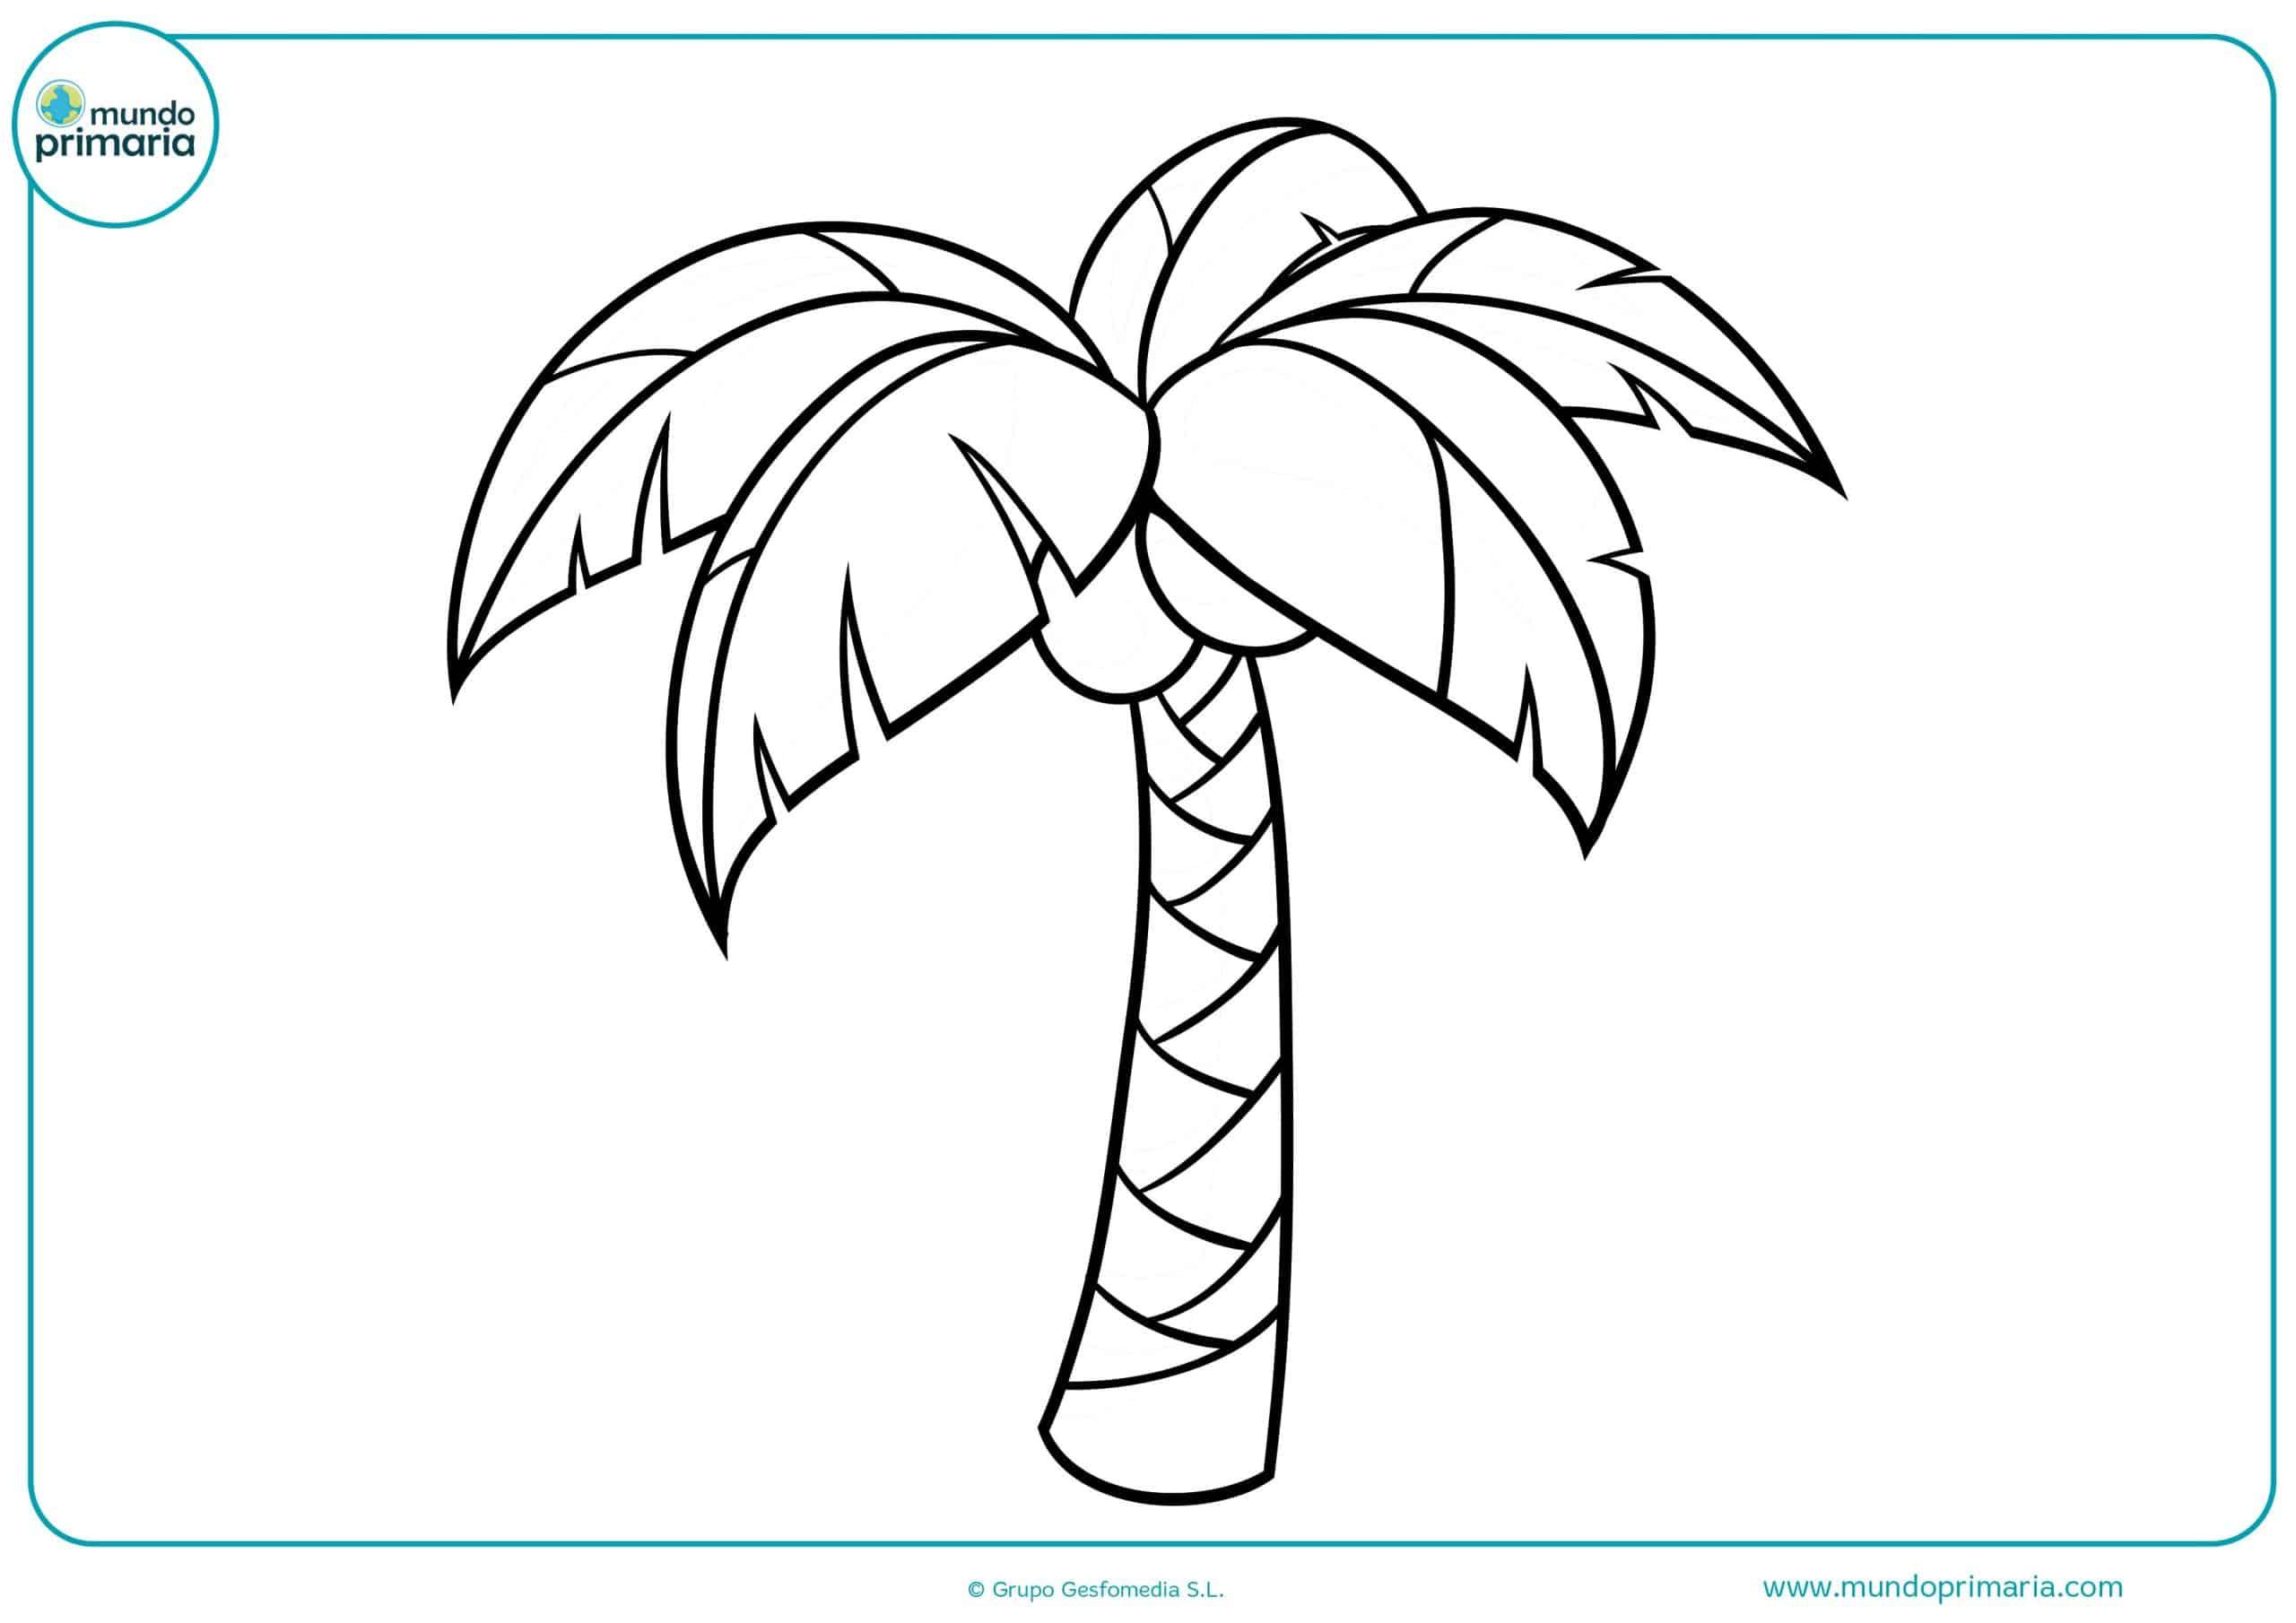 Dibujos Para Descargar Imprimir Y: Dibujo De Una Palmera Para Descargar